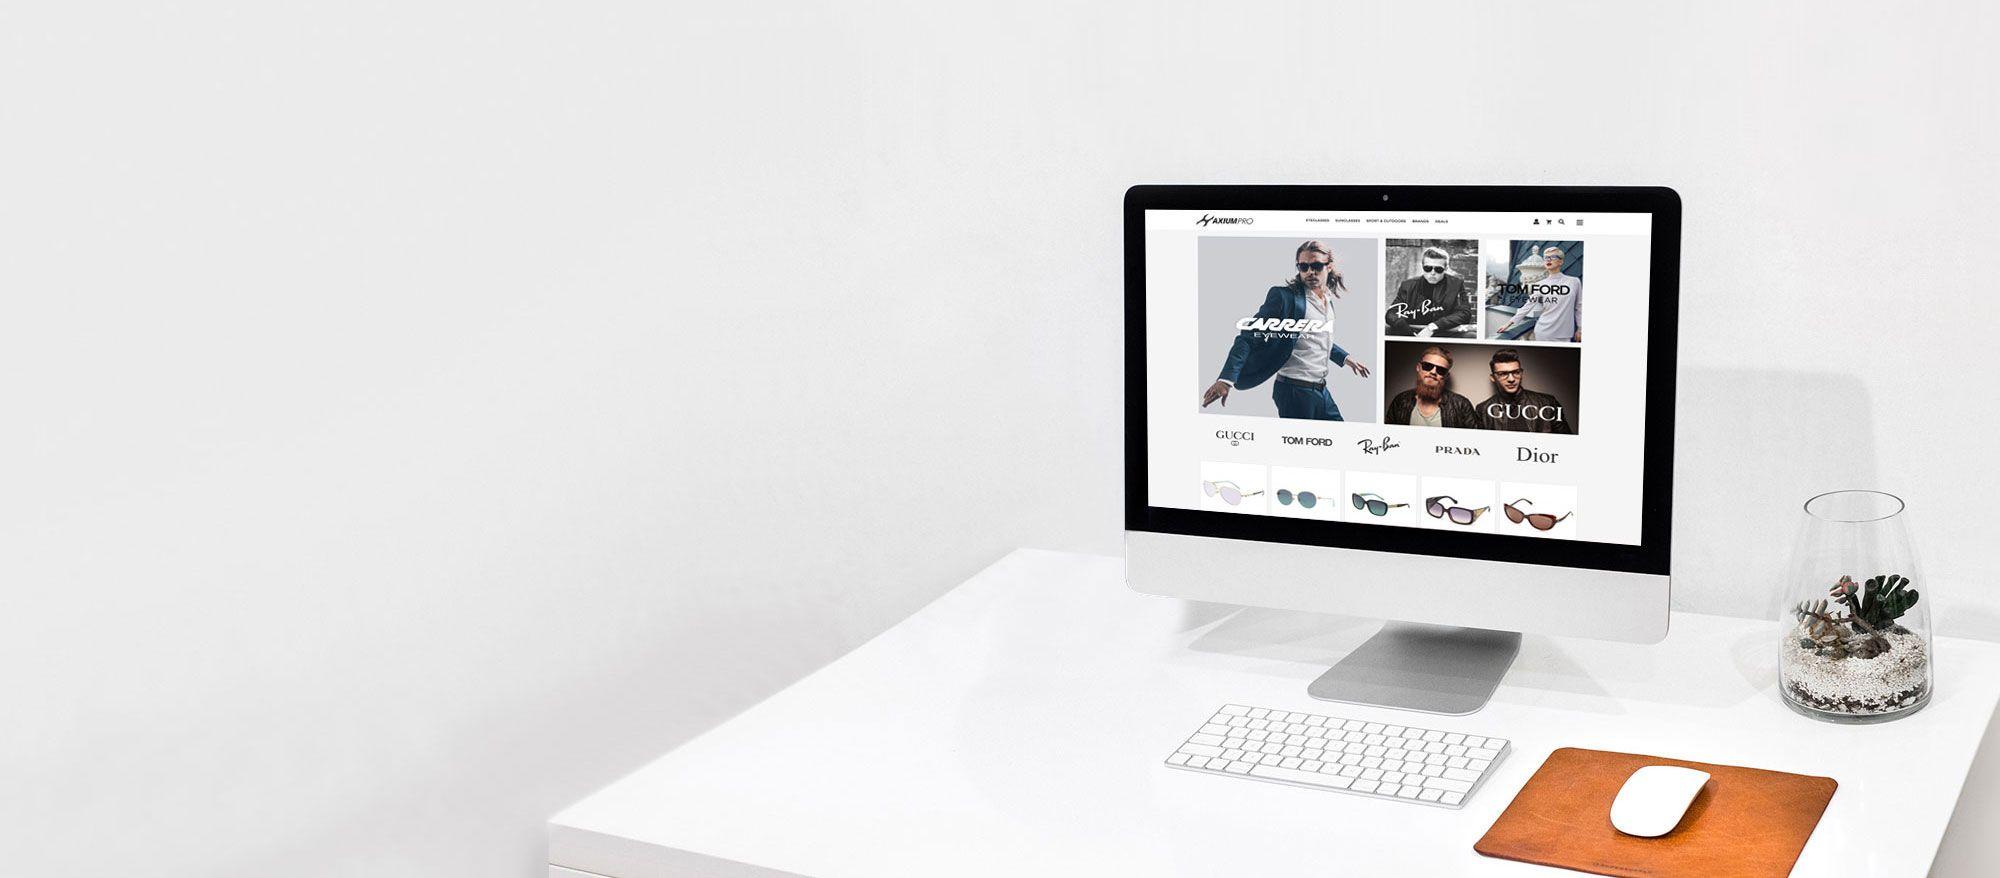 Web Design Frederick Md Best Web Design Web Design Design